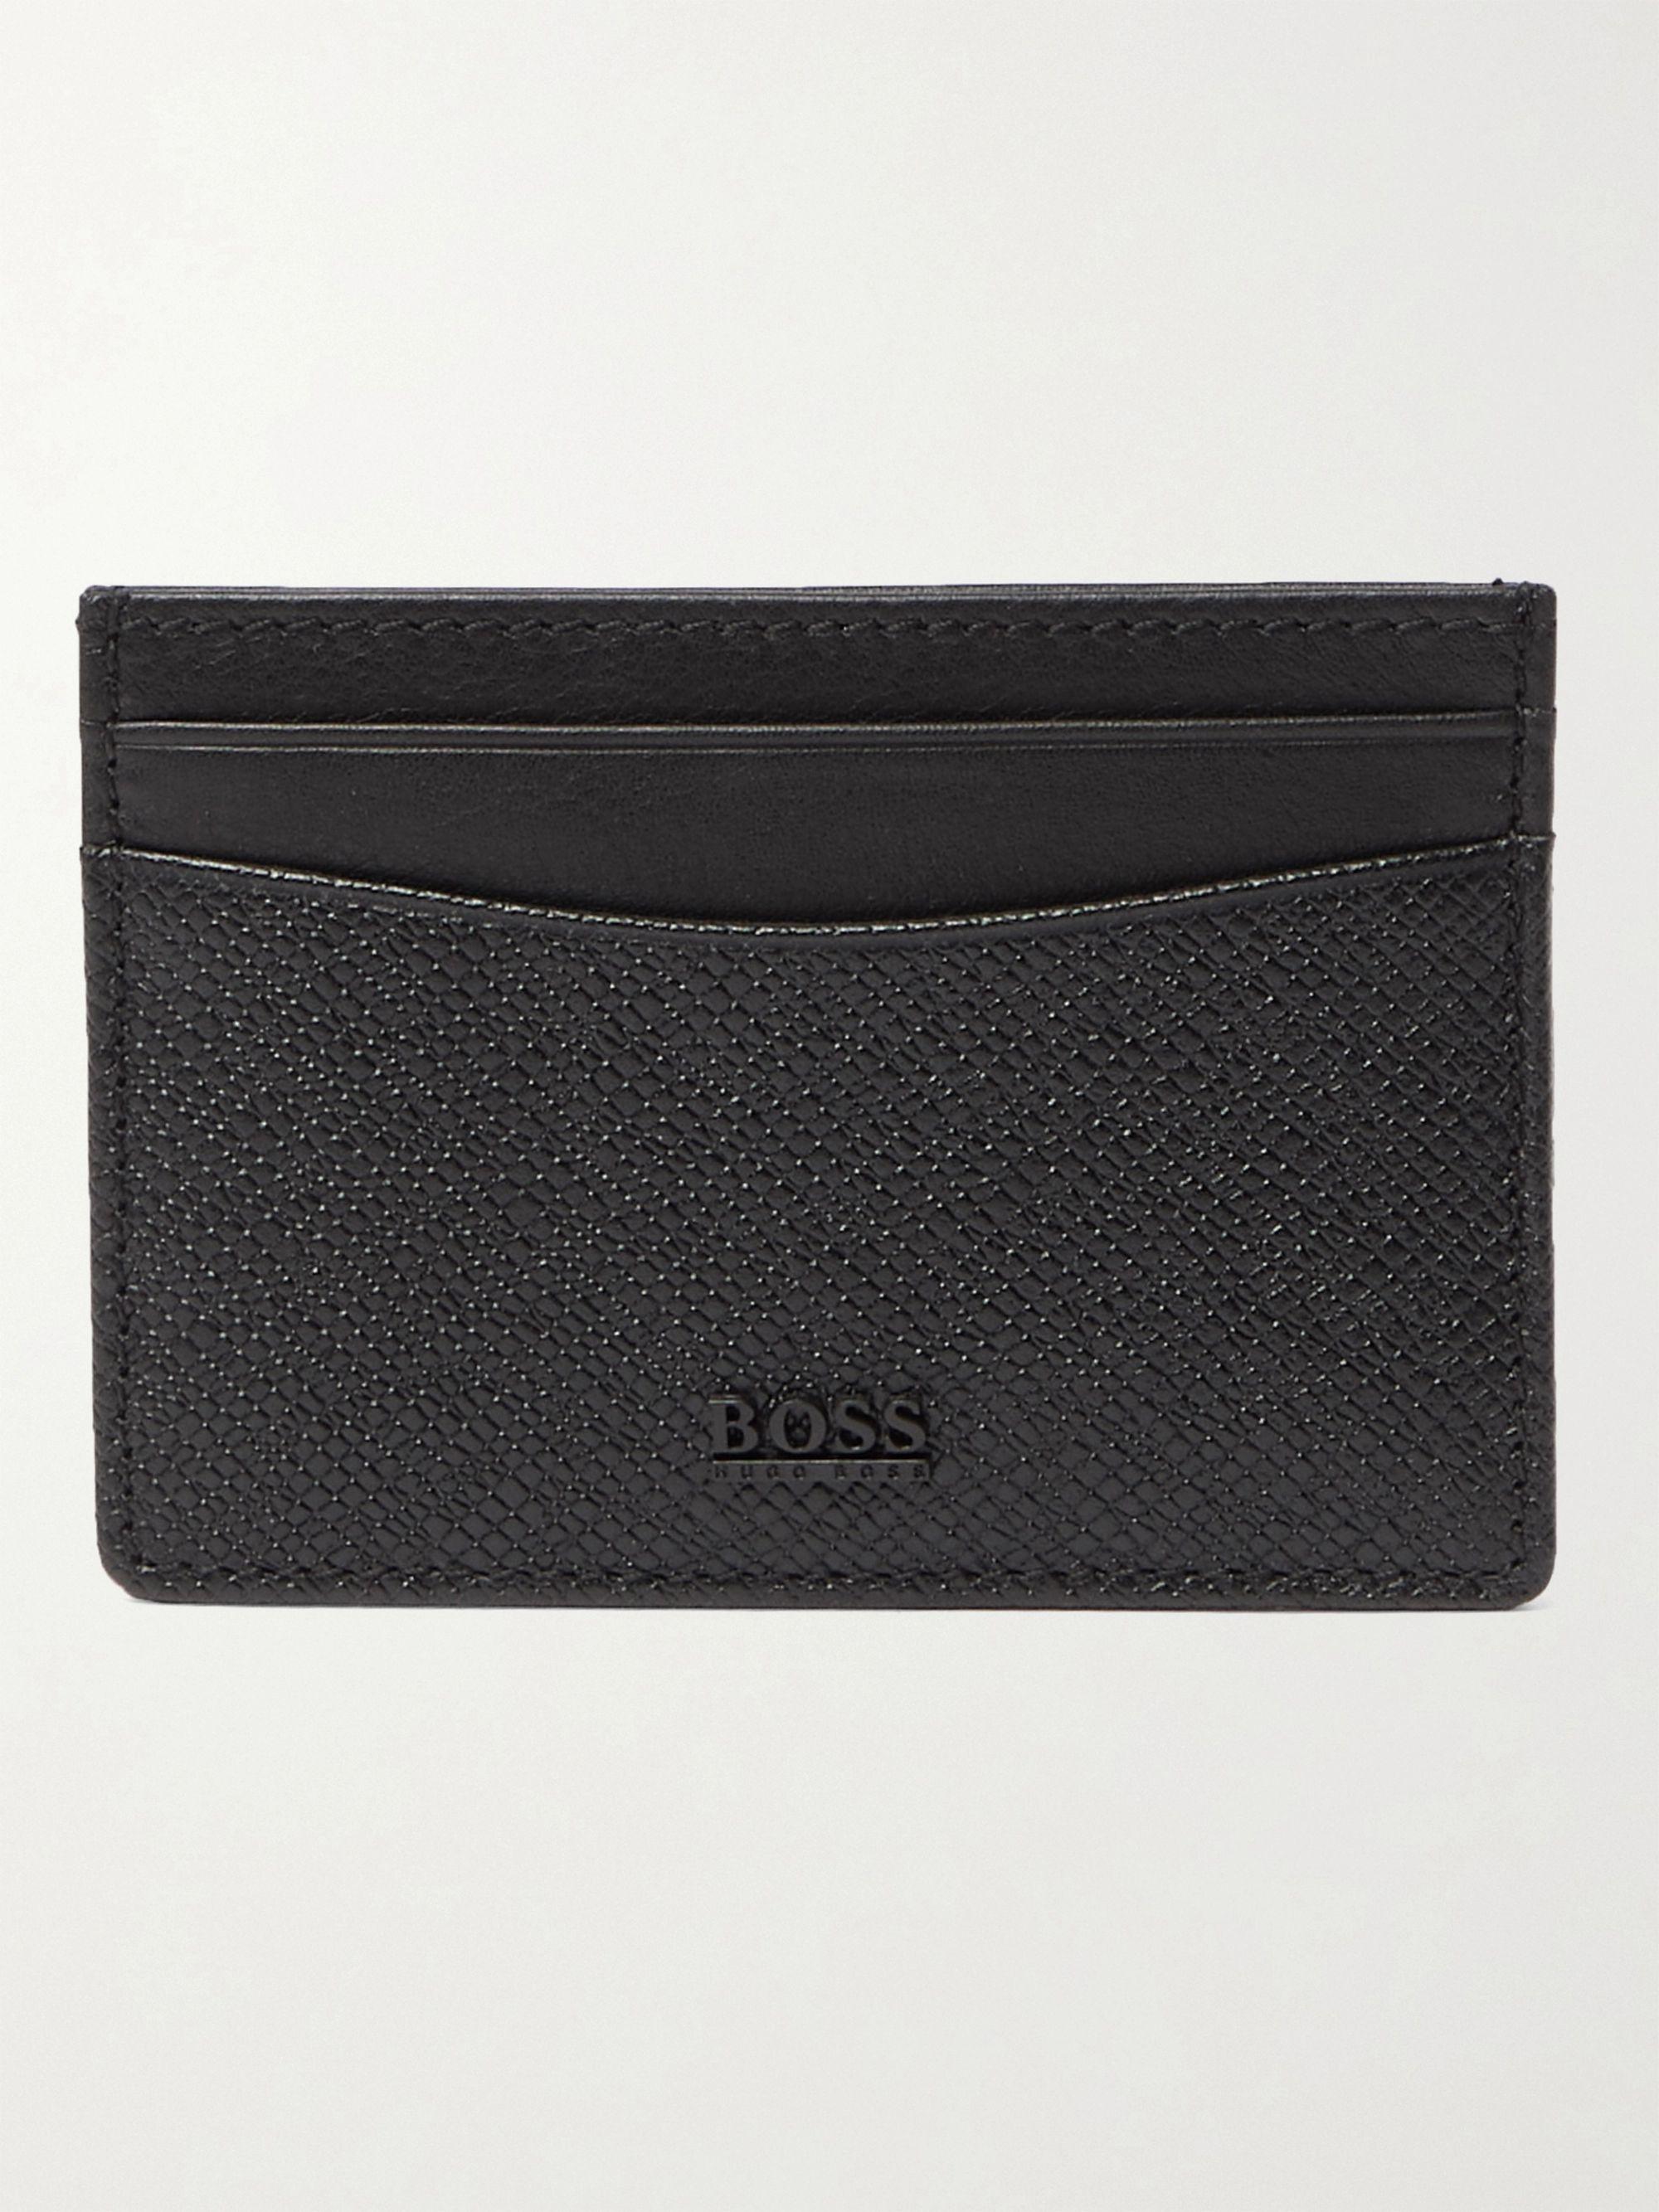 Hugo Boss Cross-Grain Leather Cardholder,Black